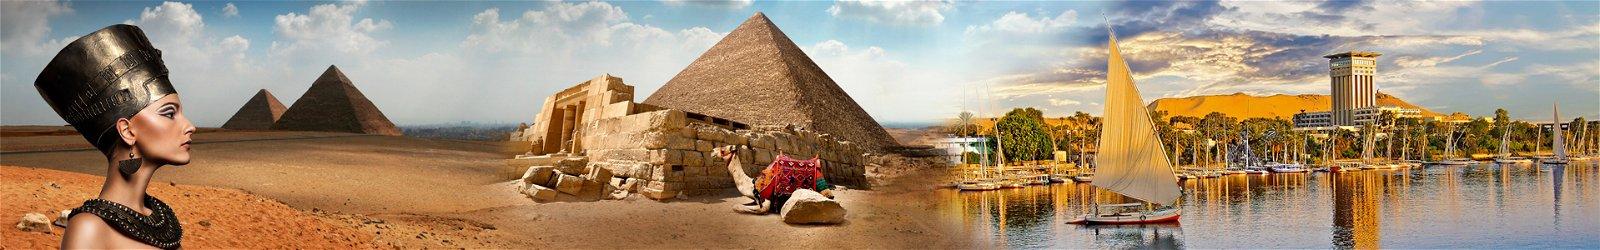 Viajes y paquetes a Egipto con salidas en Octubre desde México 2021